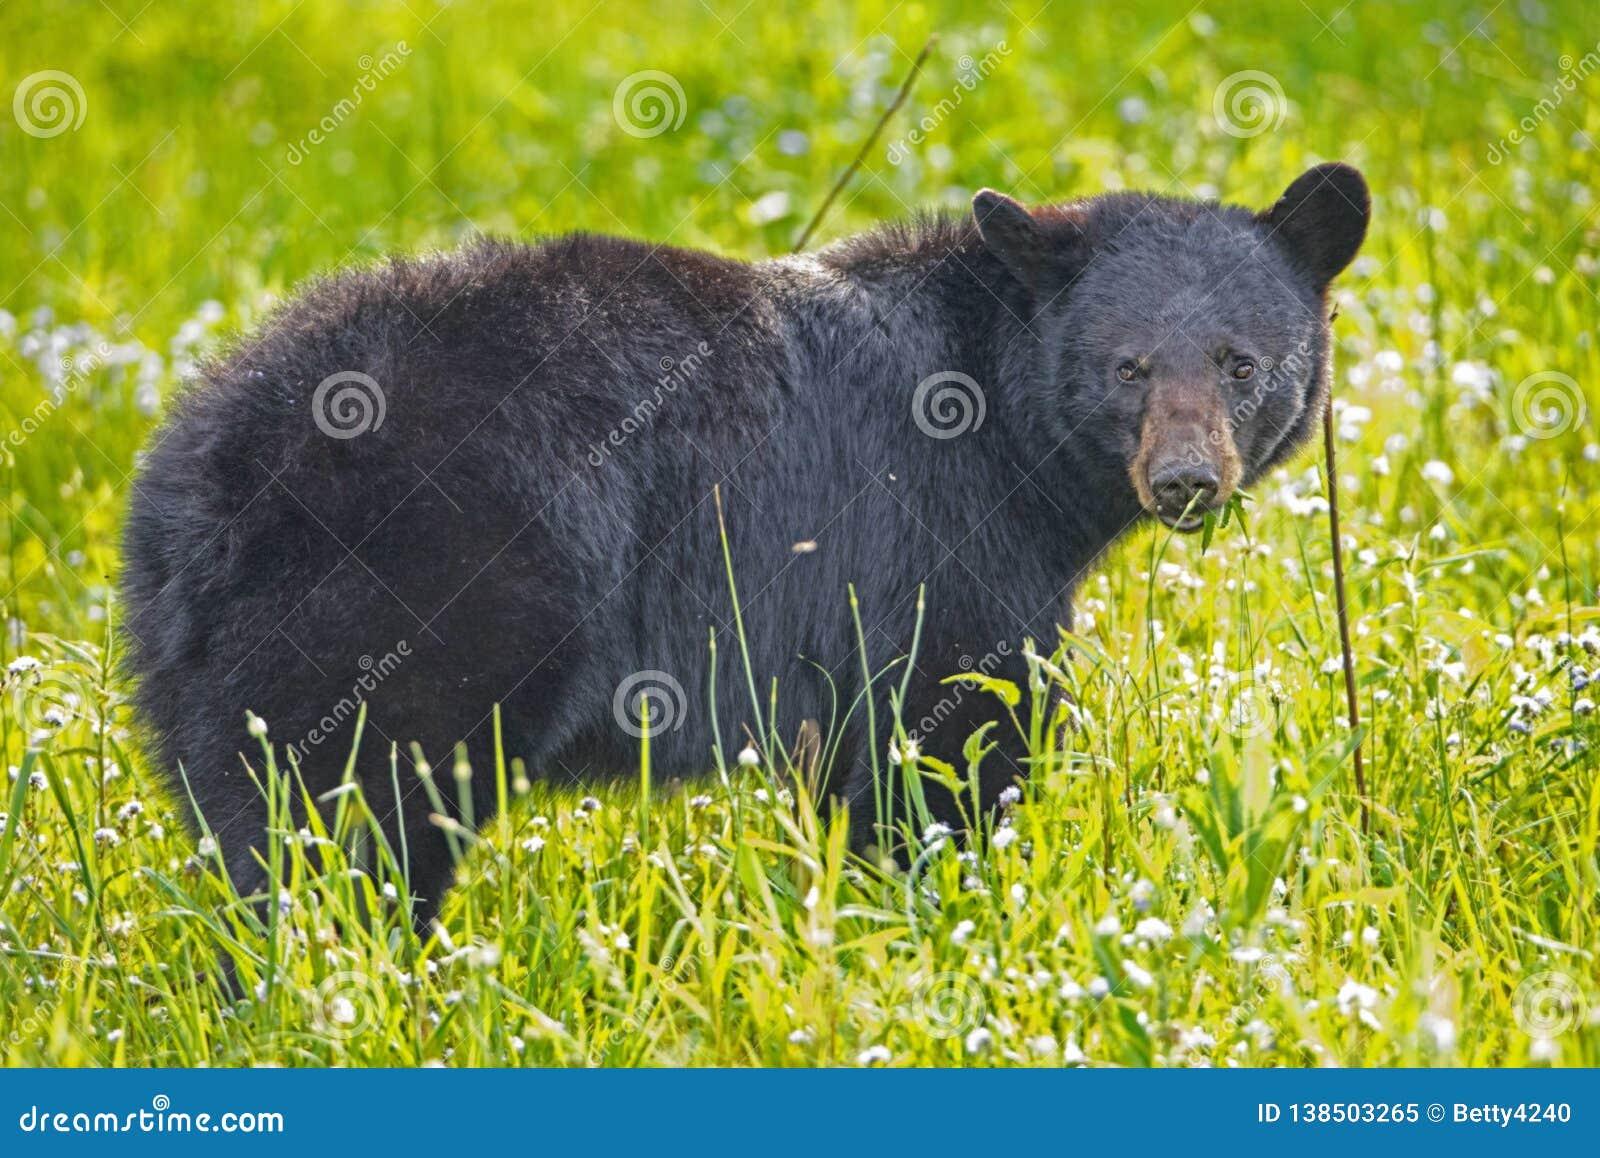 Kvinnliga matningar för en svart björn på grönt gräs